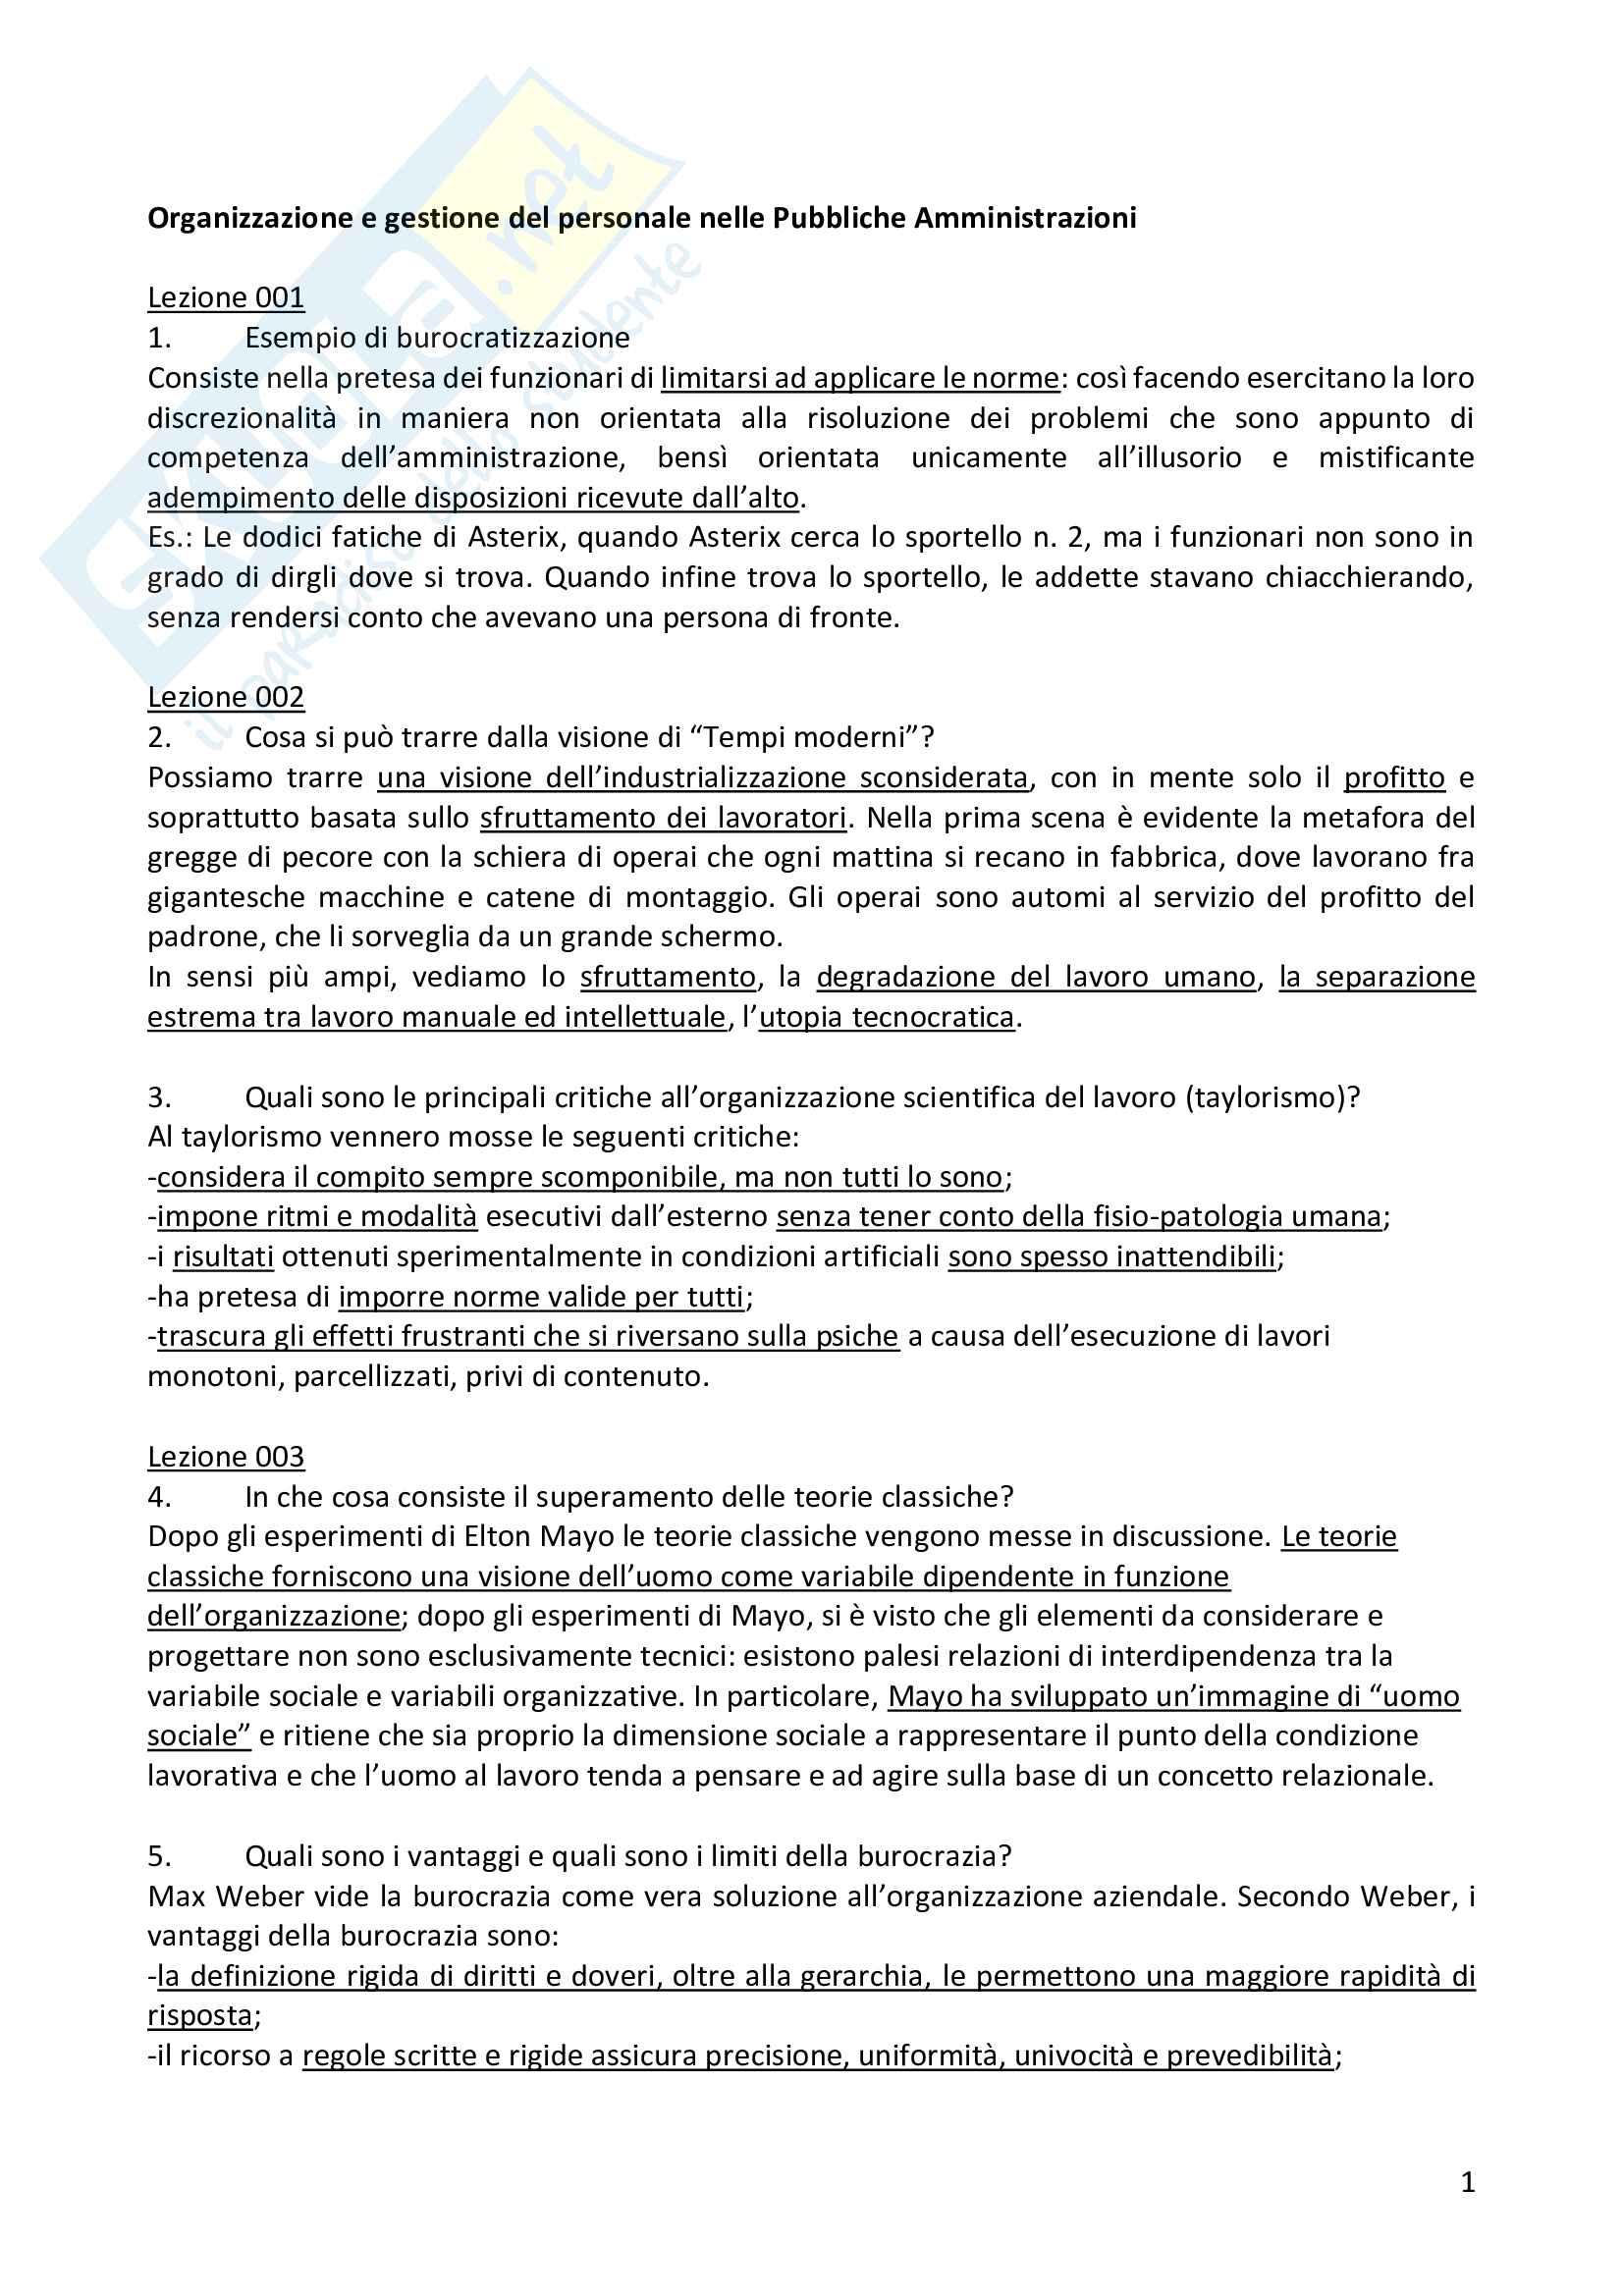 """Risposte alle domande aperte dell'esame """"Organizzazione e gestione del personale nelle Pubbliche Amministrazioni"""""""